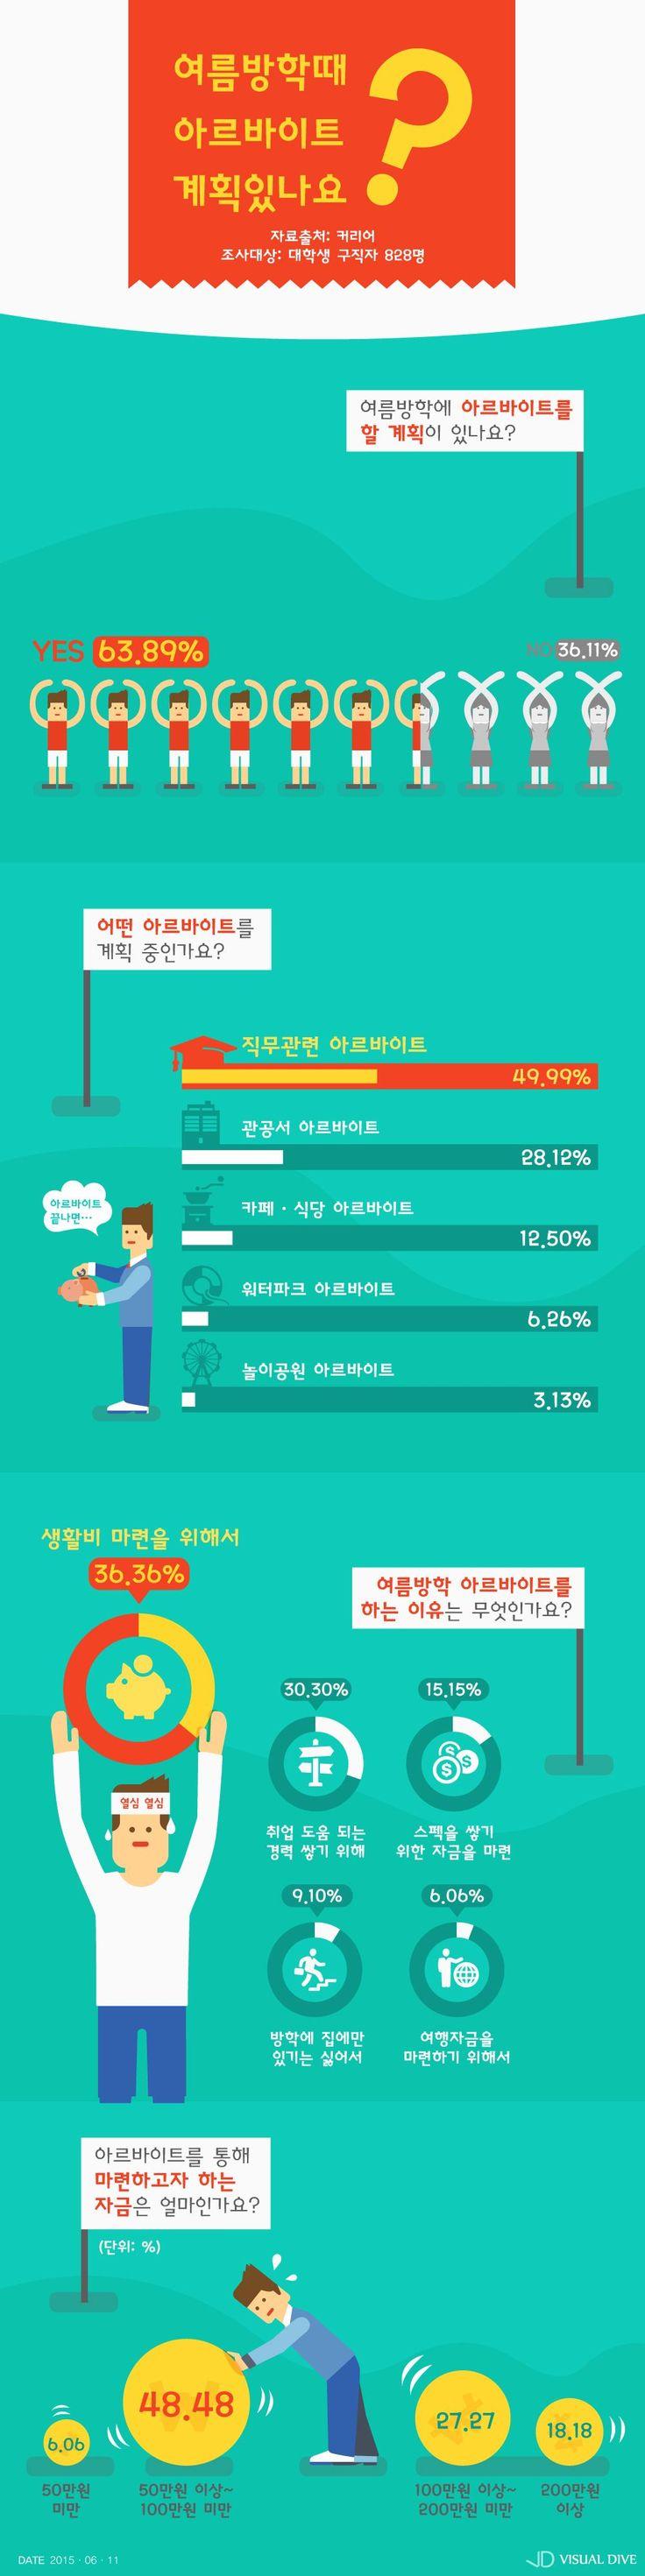 대학생 취준생 여름방학 알바, '직무 관련' 직종 선호 [인포그래픽] #Part_Time_Job / #Infographic ⓒ 비주얼다이브 무단 복사·전재·재배포 금지